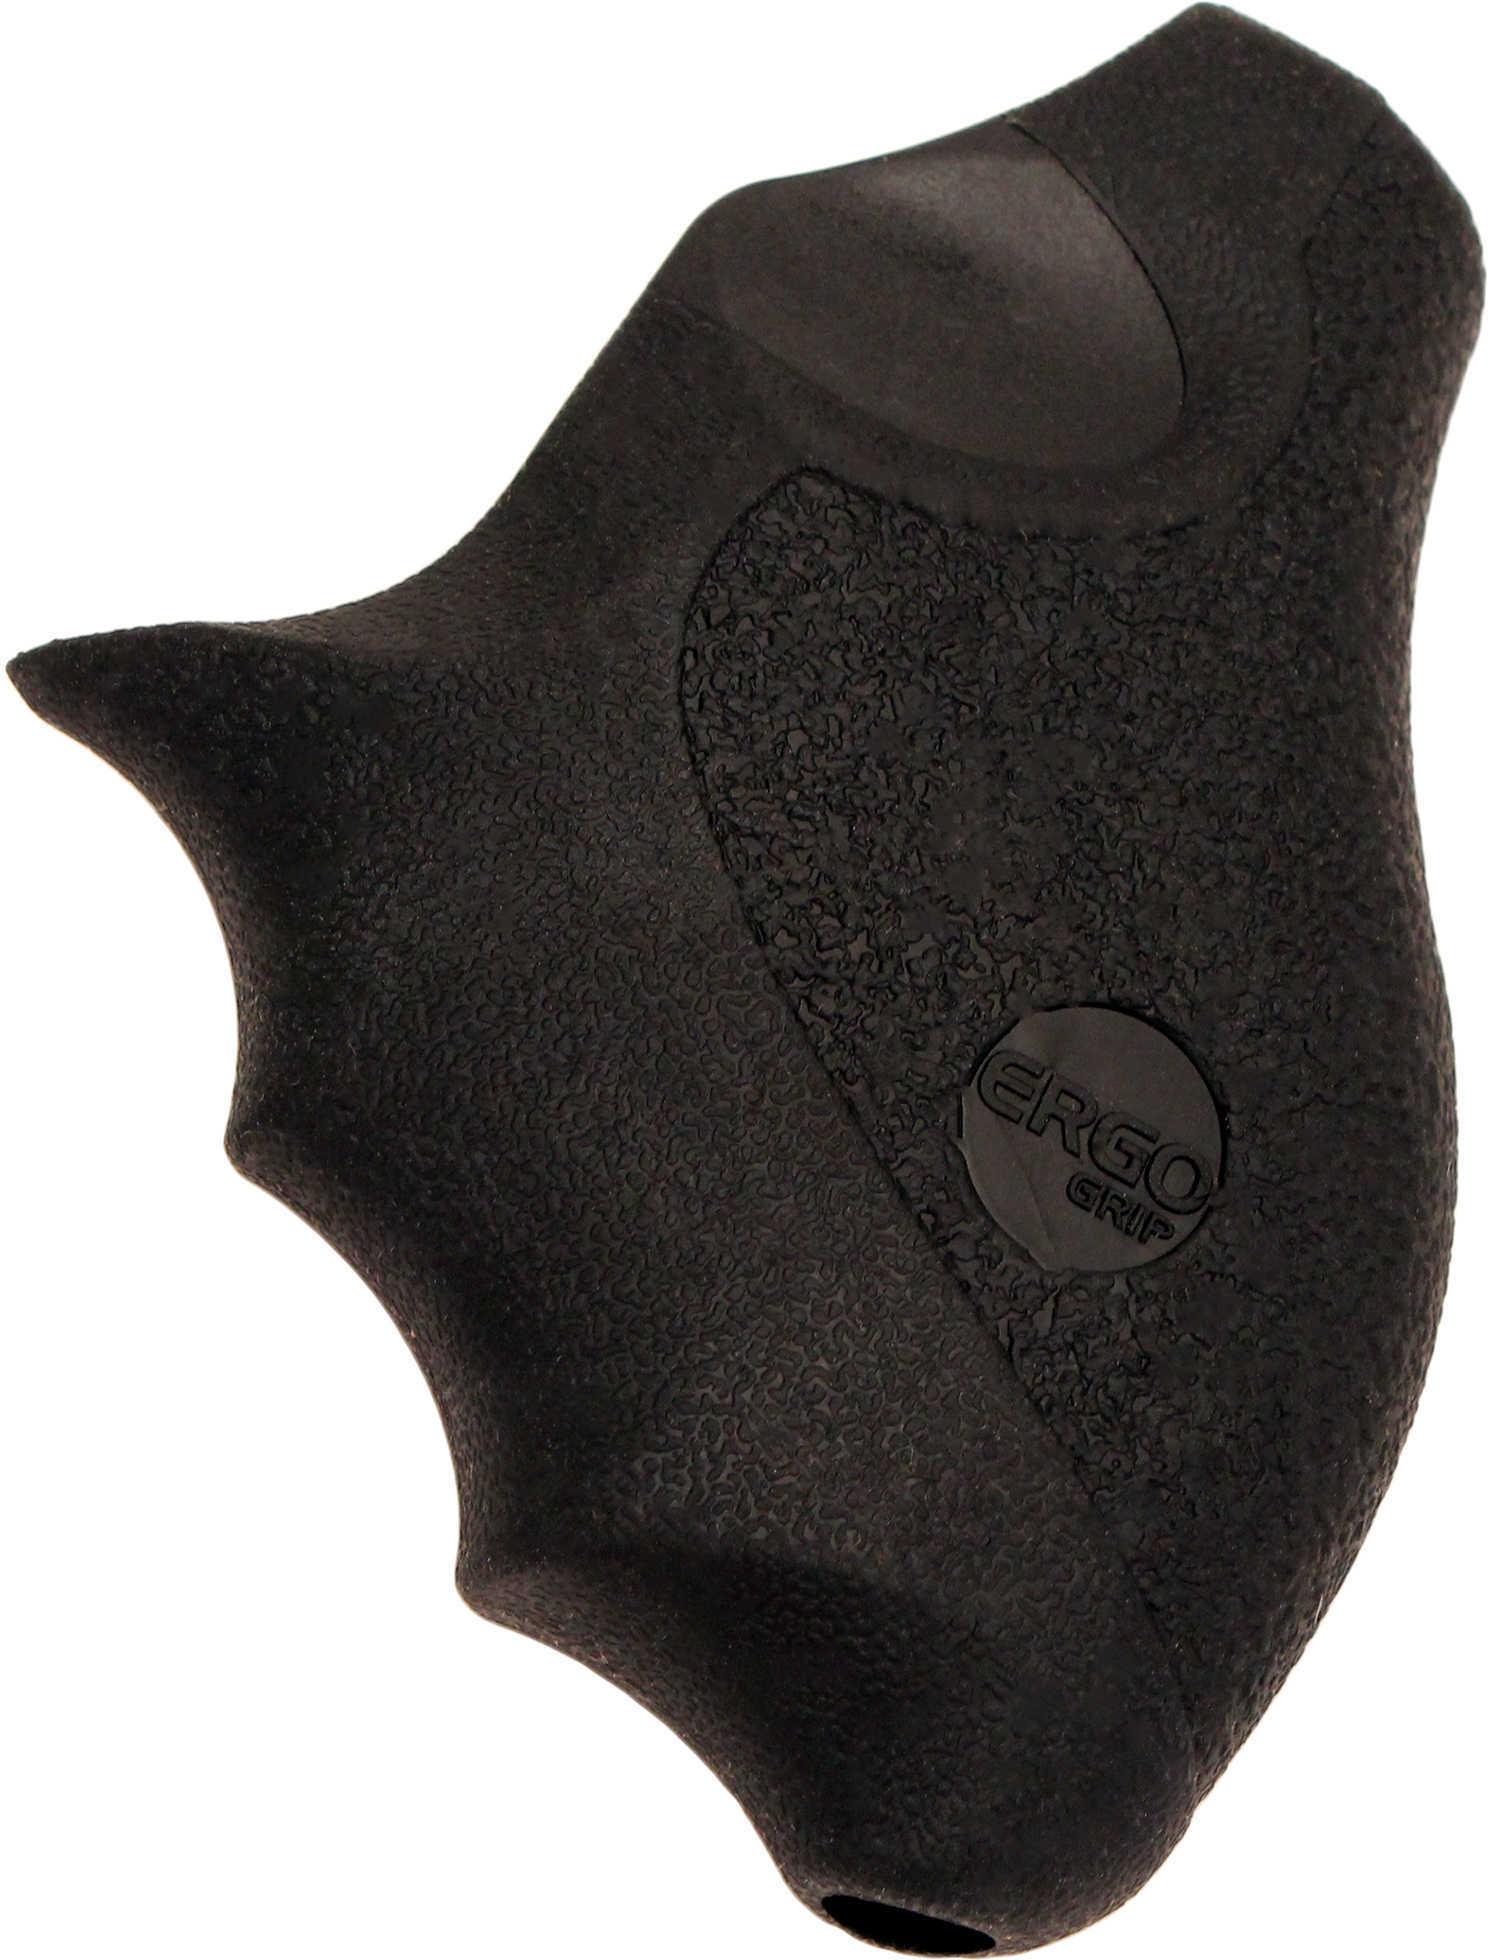 Ergo Delta Grip Rug LCR LCRX Revolver